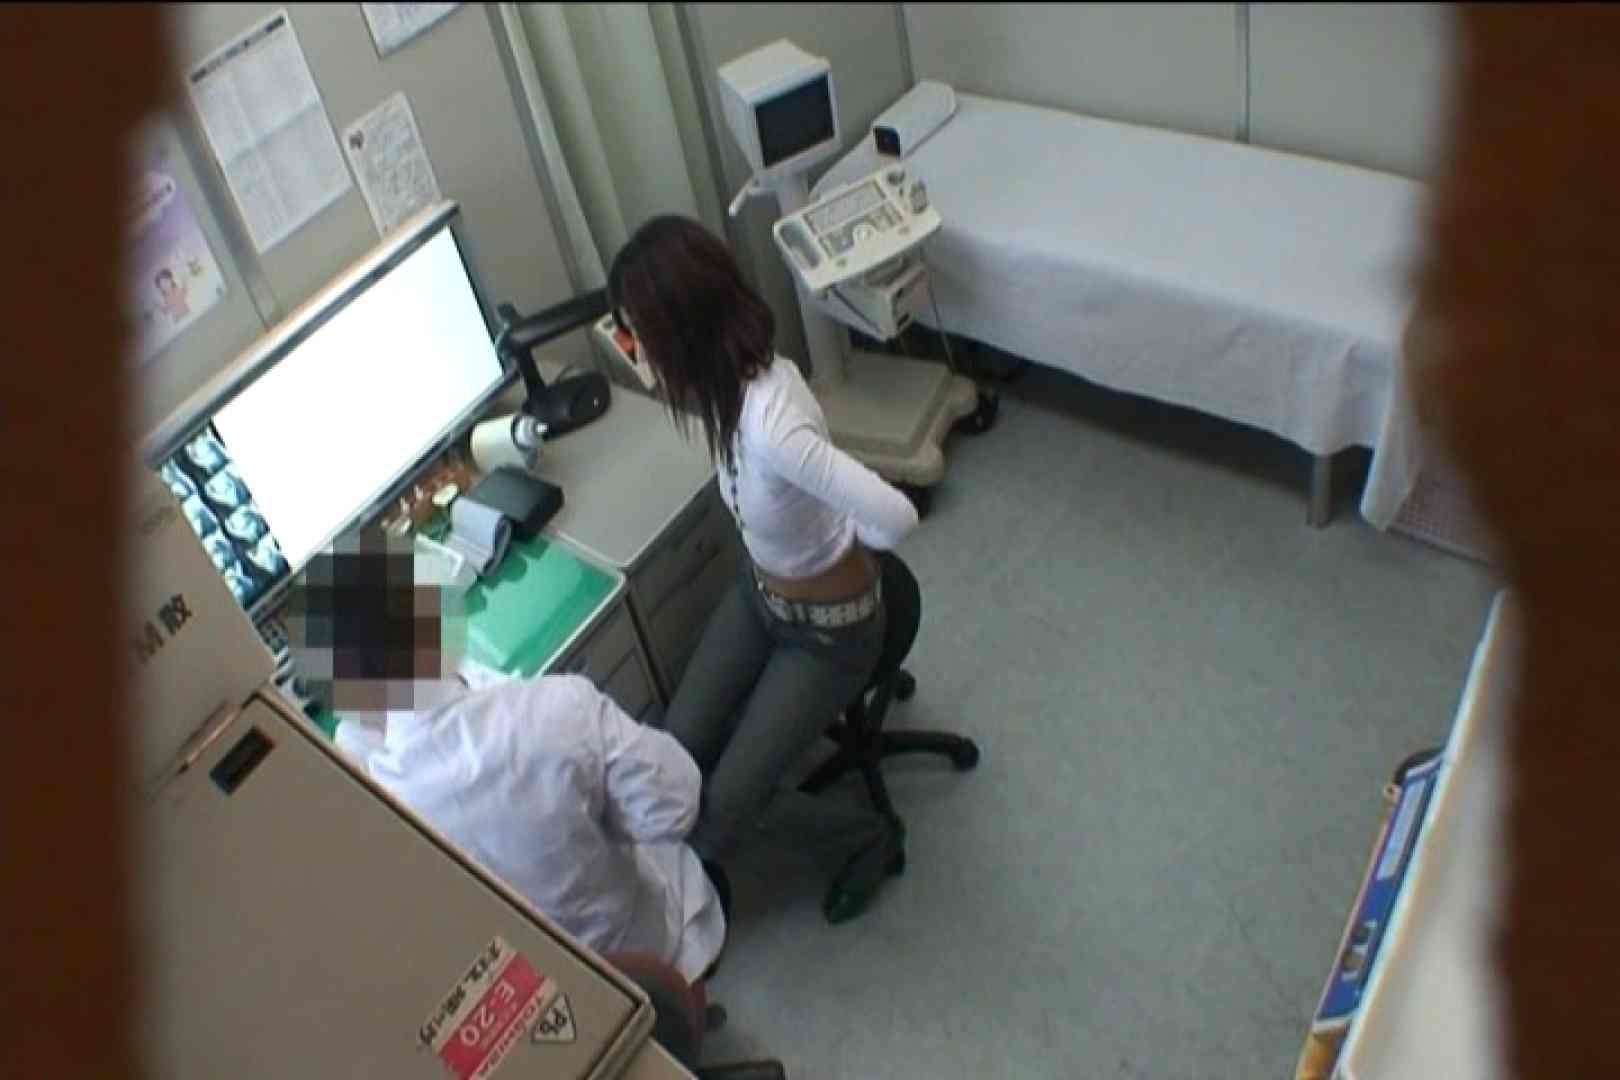 患者のおまんこをコレクションする変態医師の流出映像Vol.5 マンコ・ムレムレ  73pic 64